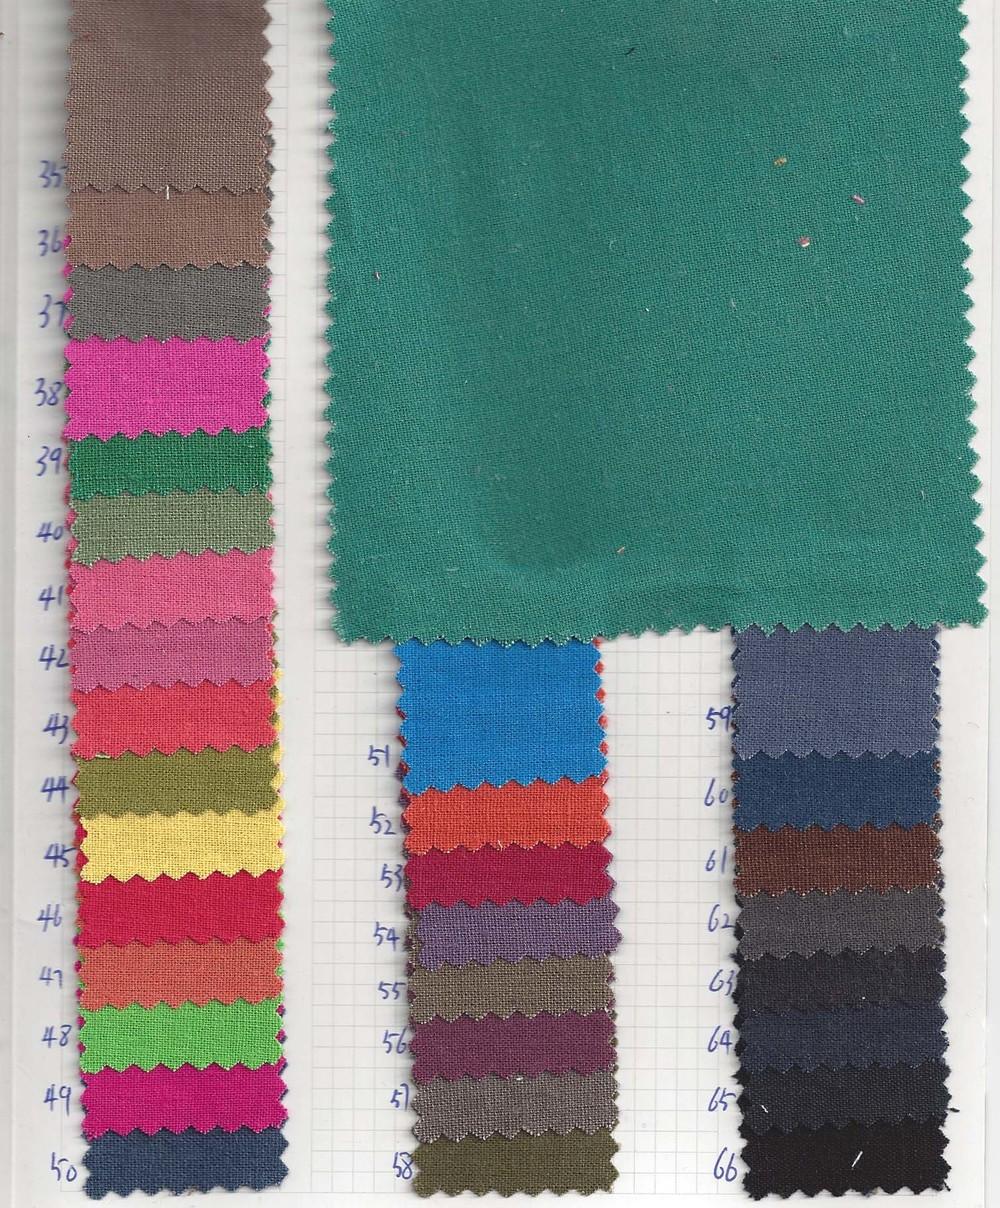 Cheng Kai Textile CK005-2.jpg